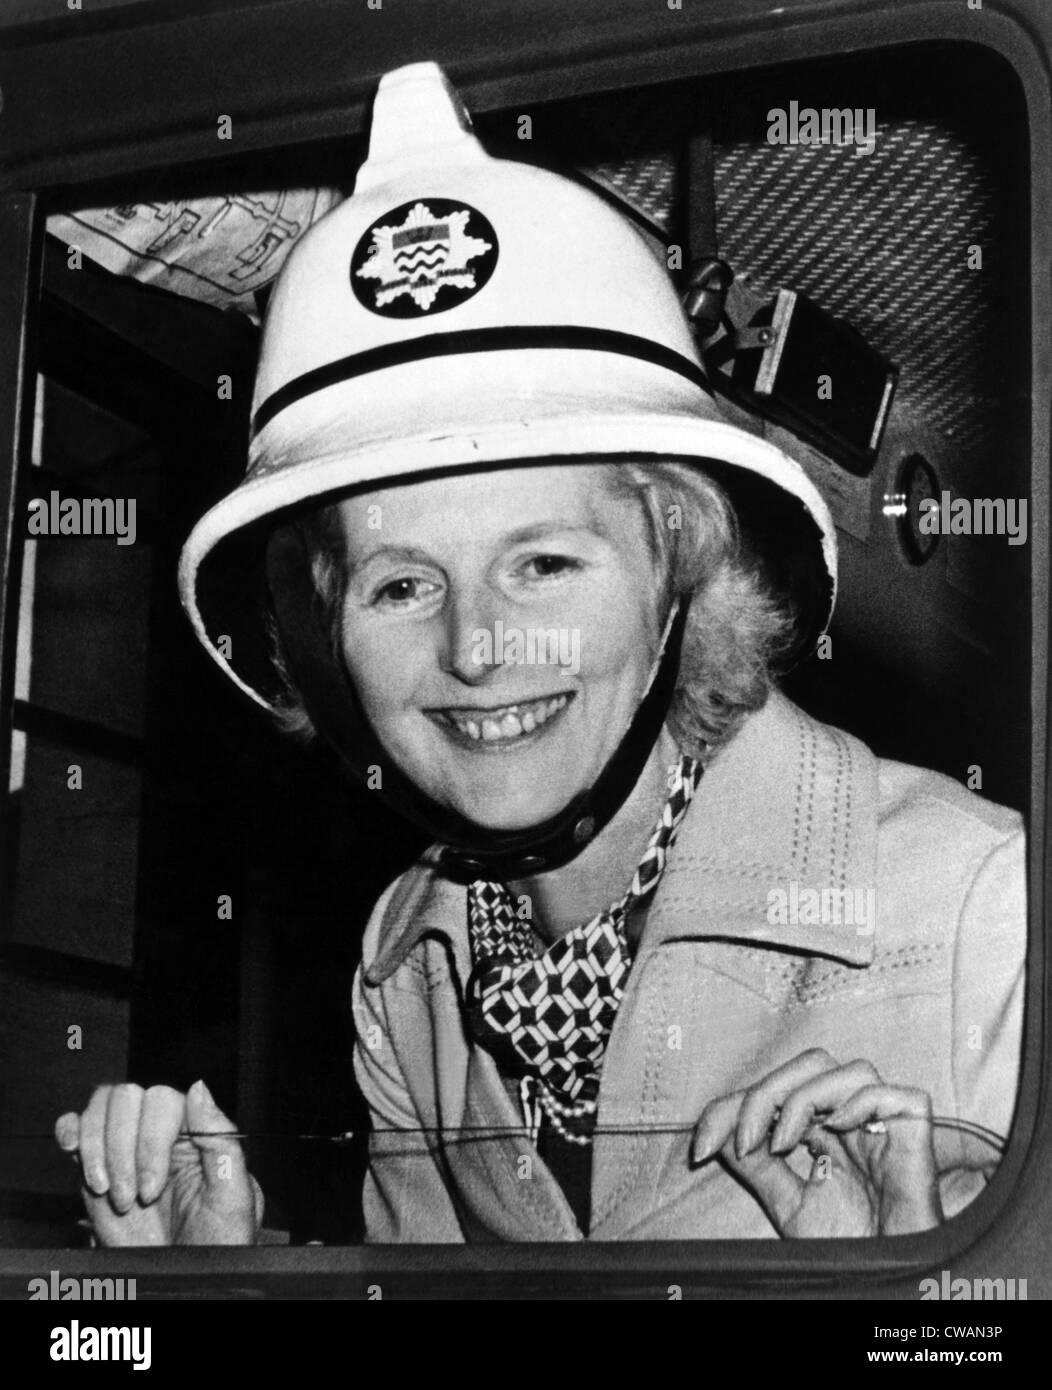 Margaret Thatcher, futur premier ministre du Royaume-Uni, vers 1976. Avec la permission de: Archives CSU/Everett Photo Stock